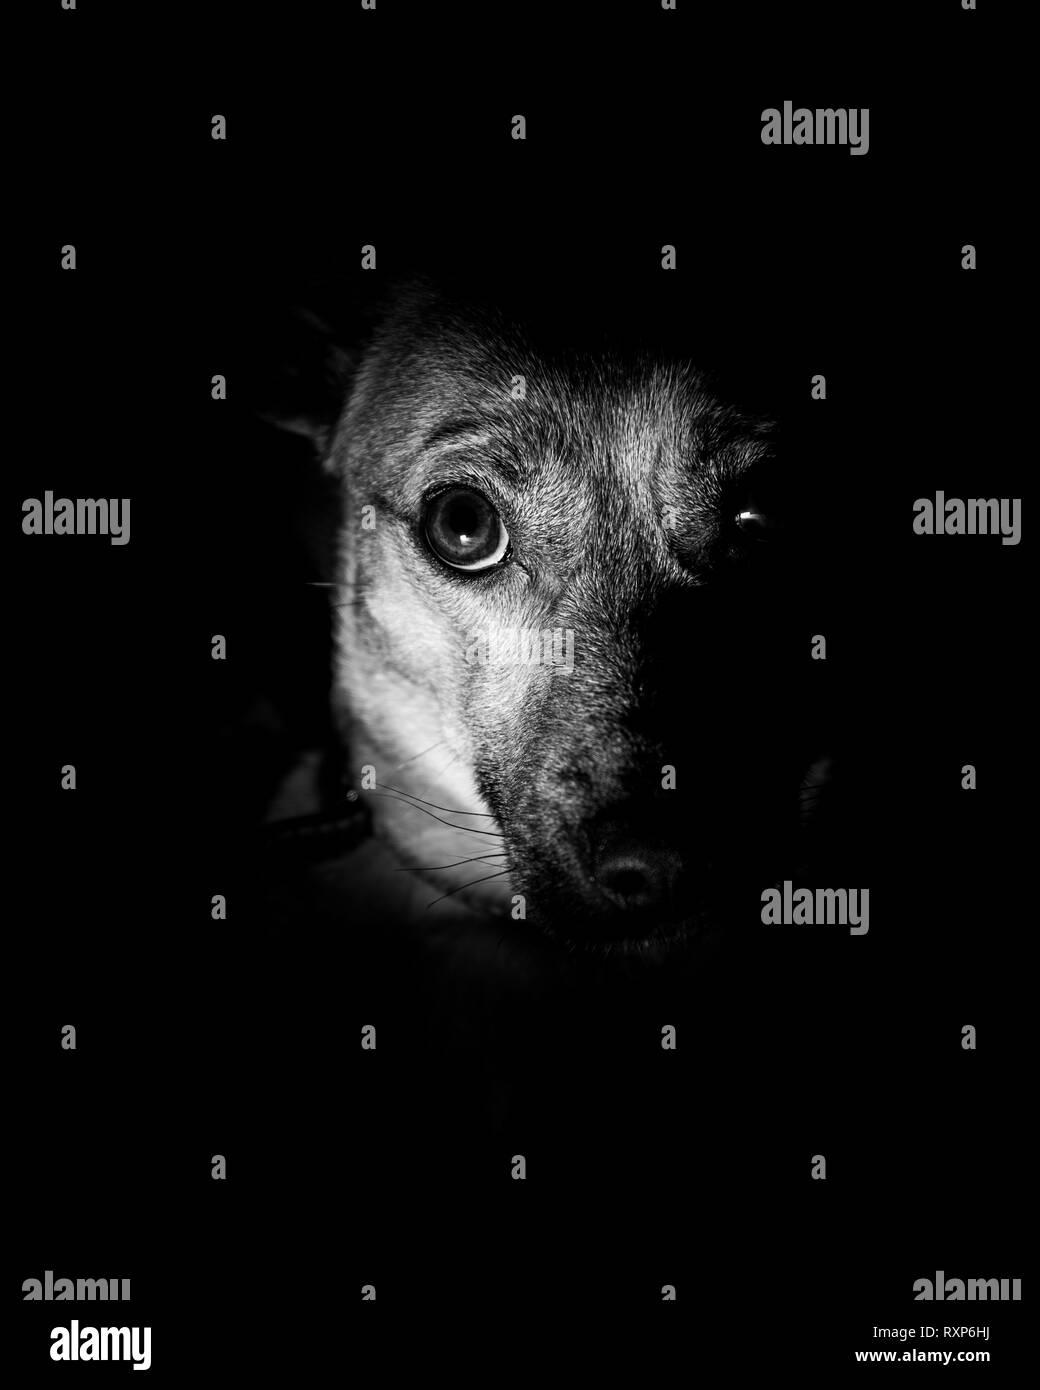 Cute dog - sad puppy eyes on black background - Stock Image